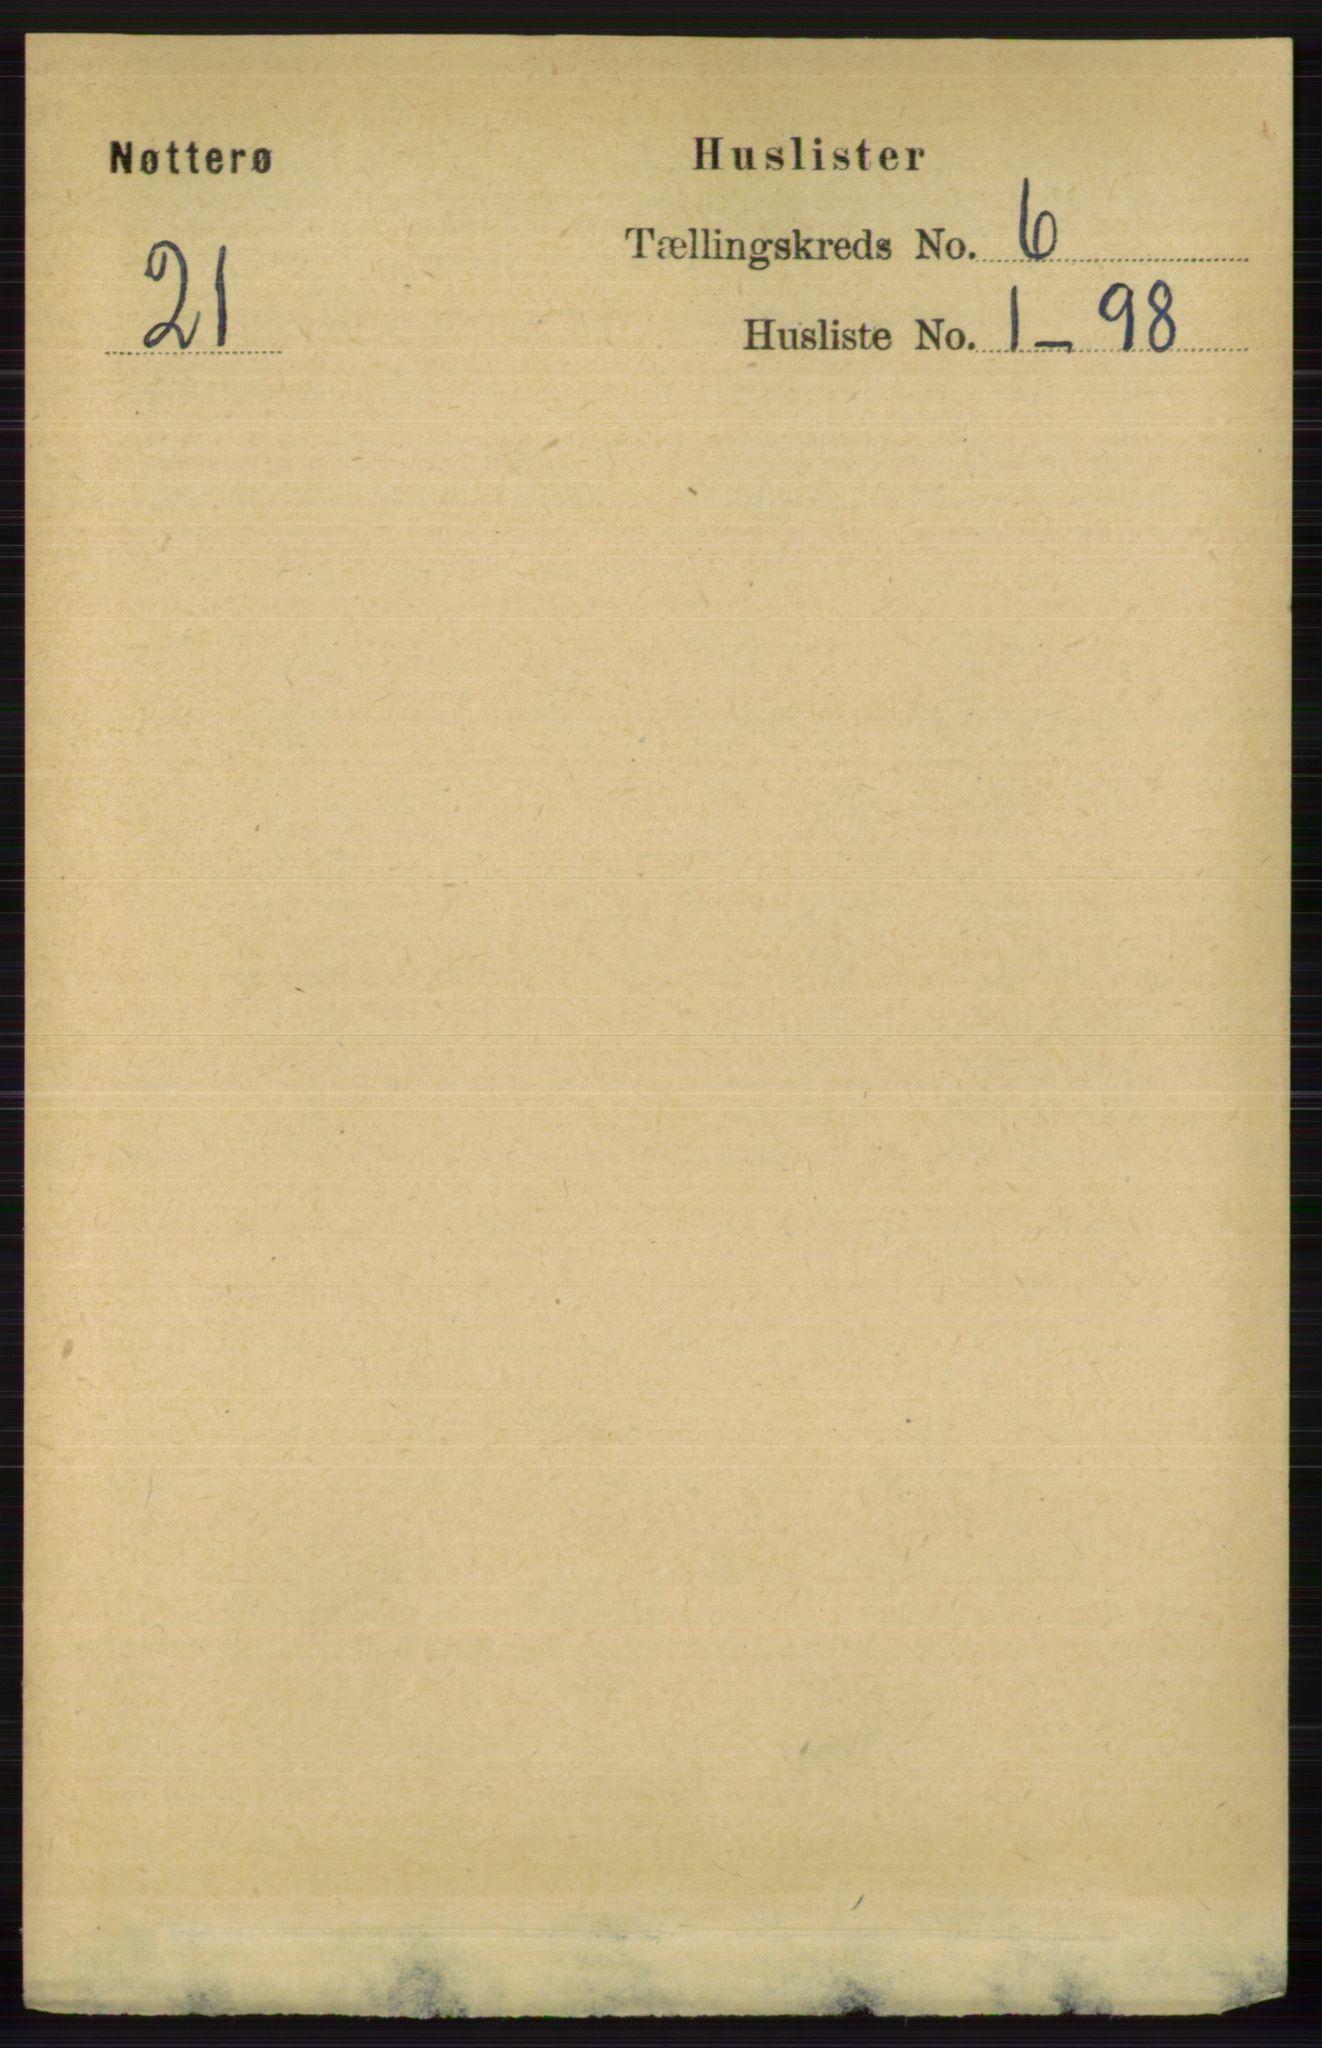 RA, Folketelling 1891 for 0722 Nøtterøy herred, 1891, s. 2747